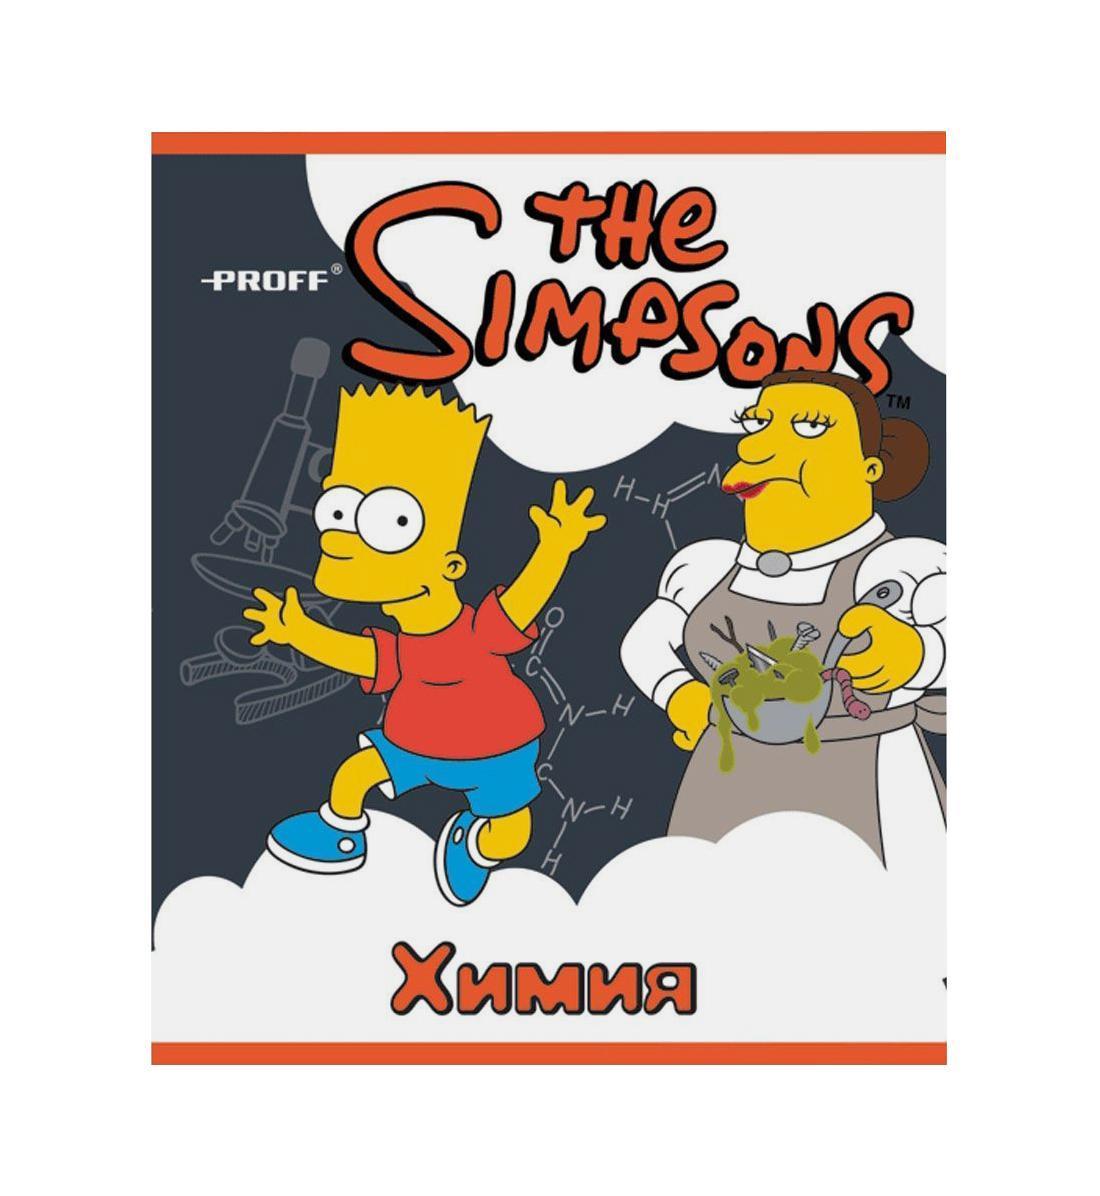 Тетрадь Proff The Simpsons The SimpsonsSI14-CEBS48SI14-CEBS48Разметка: В клетку. Формат: А5. Обложка: Картон, . Пол: Унисекс. Возраст: Средние классы.Крепление: Скрепки.